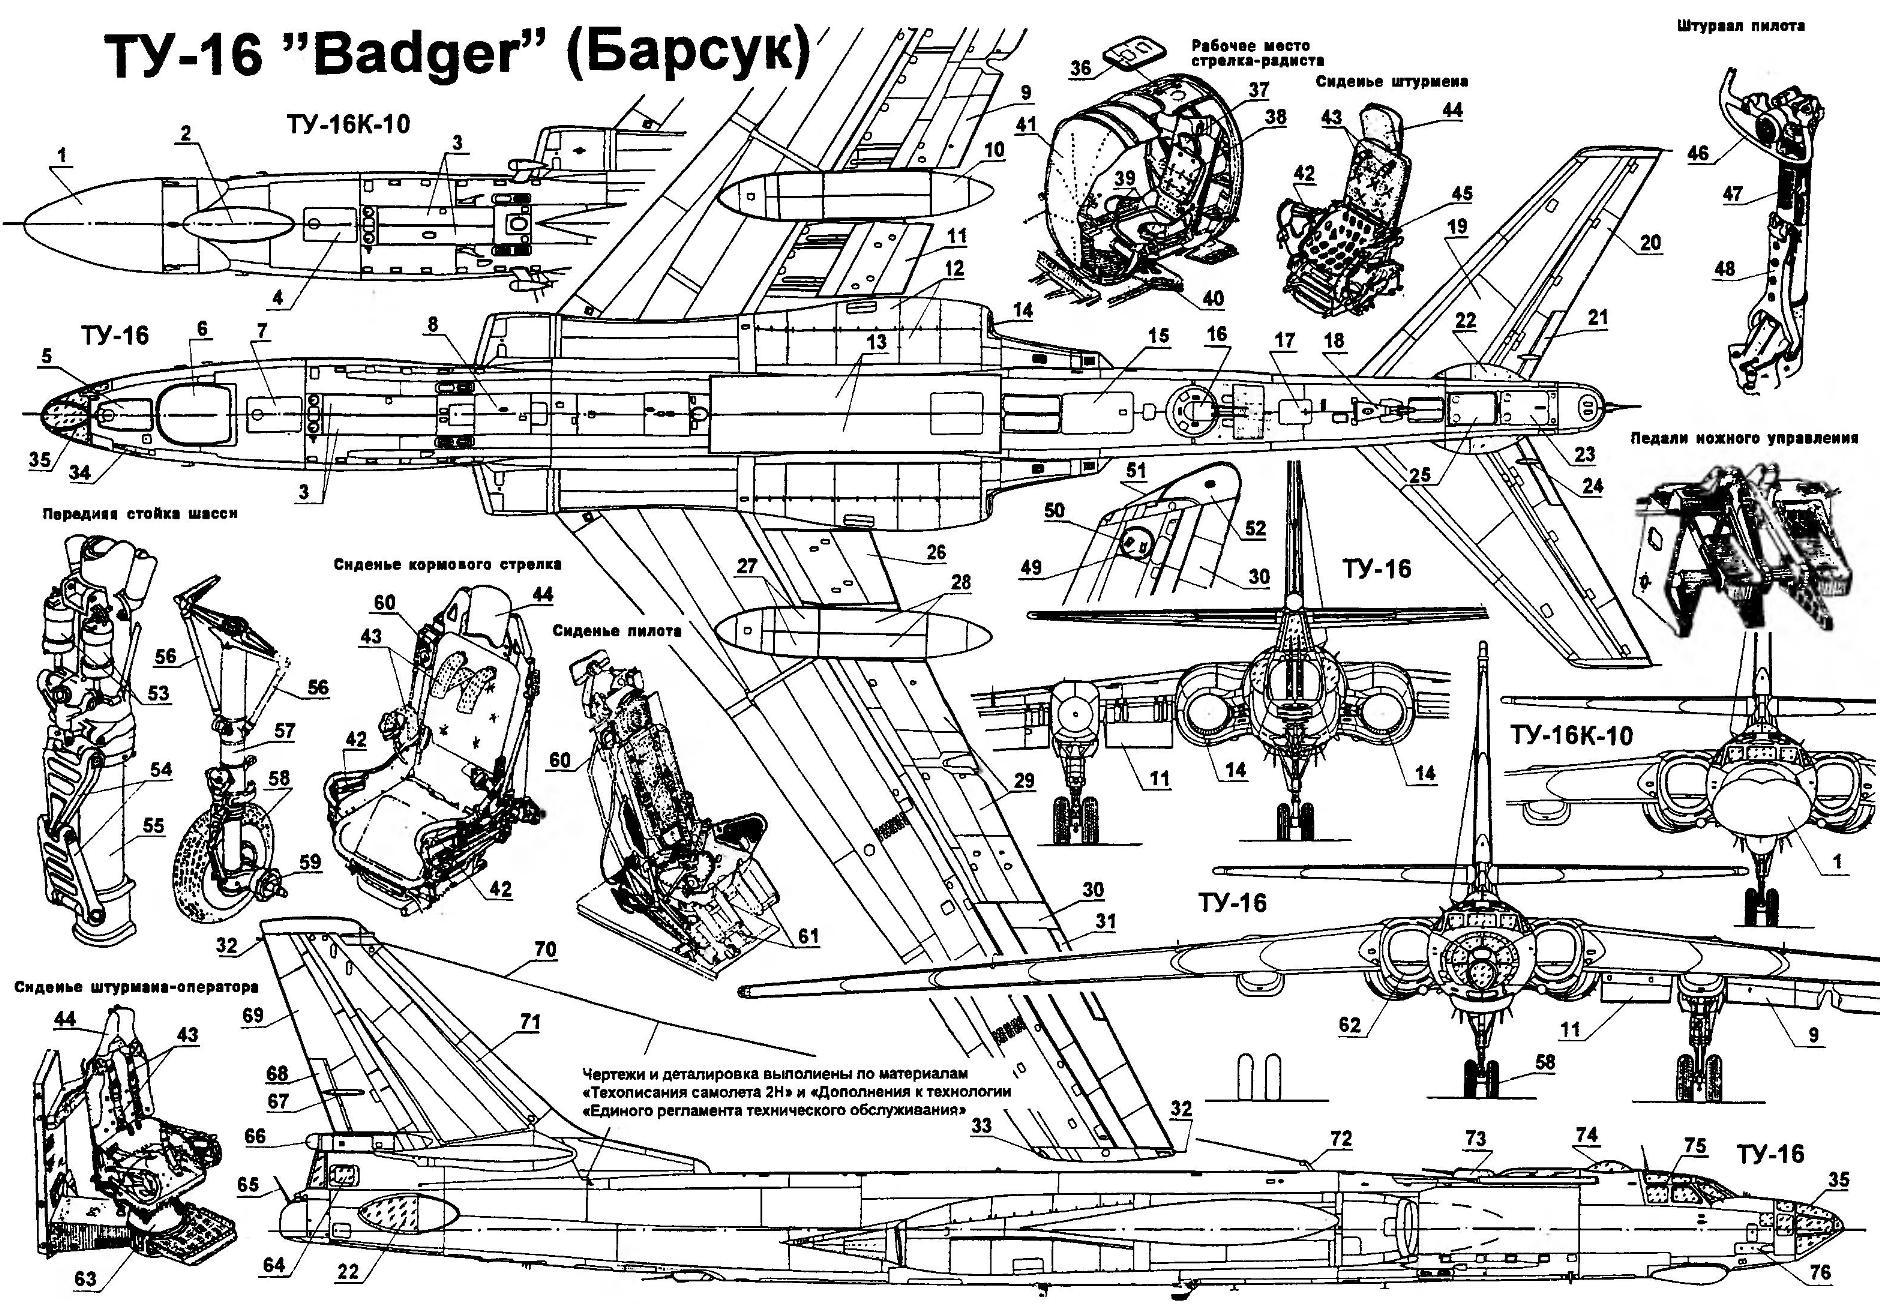 Long-range bomber Tu-16